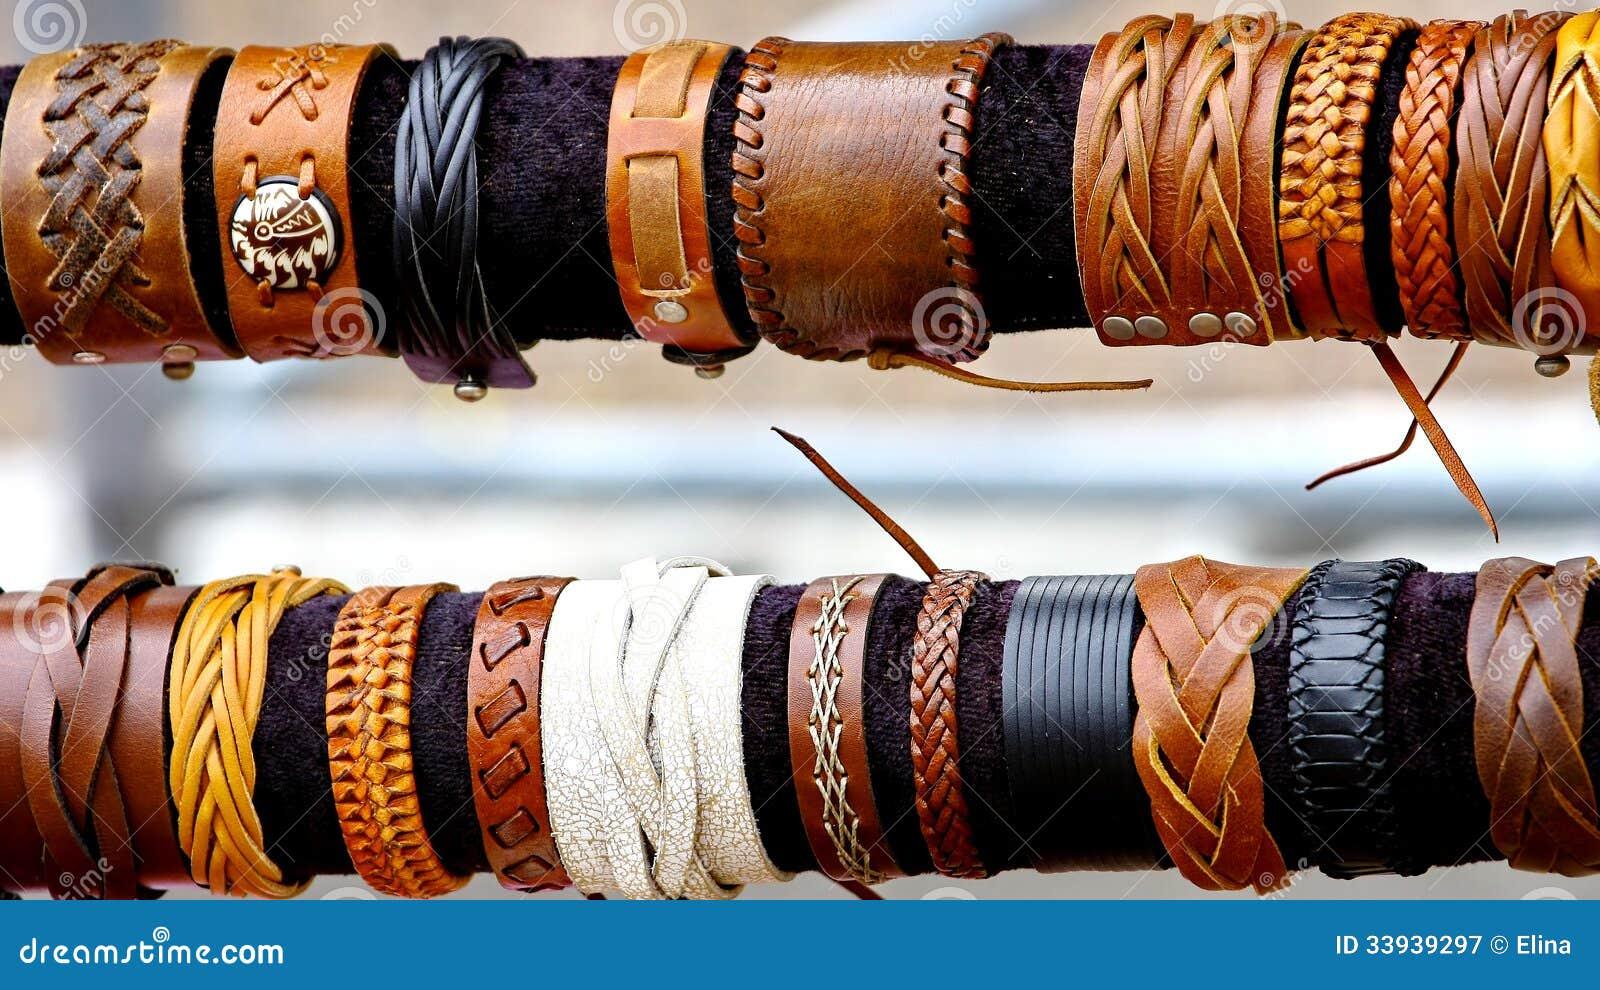 fb78f250930d Pulseras Coloridas De Las Artesanías Imagen de archivo - Imagen de ...